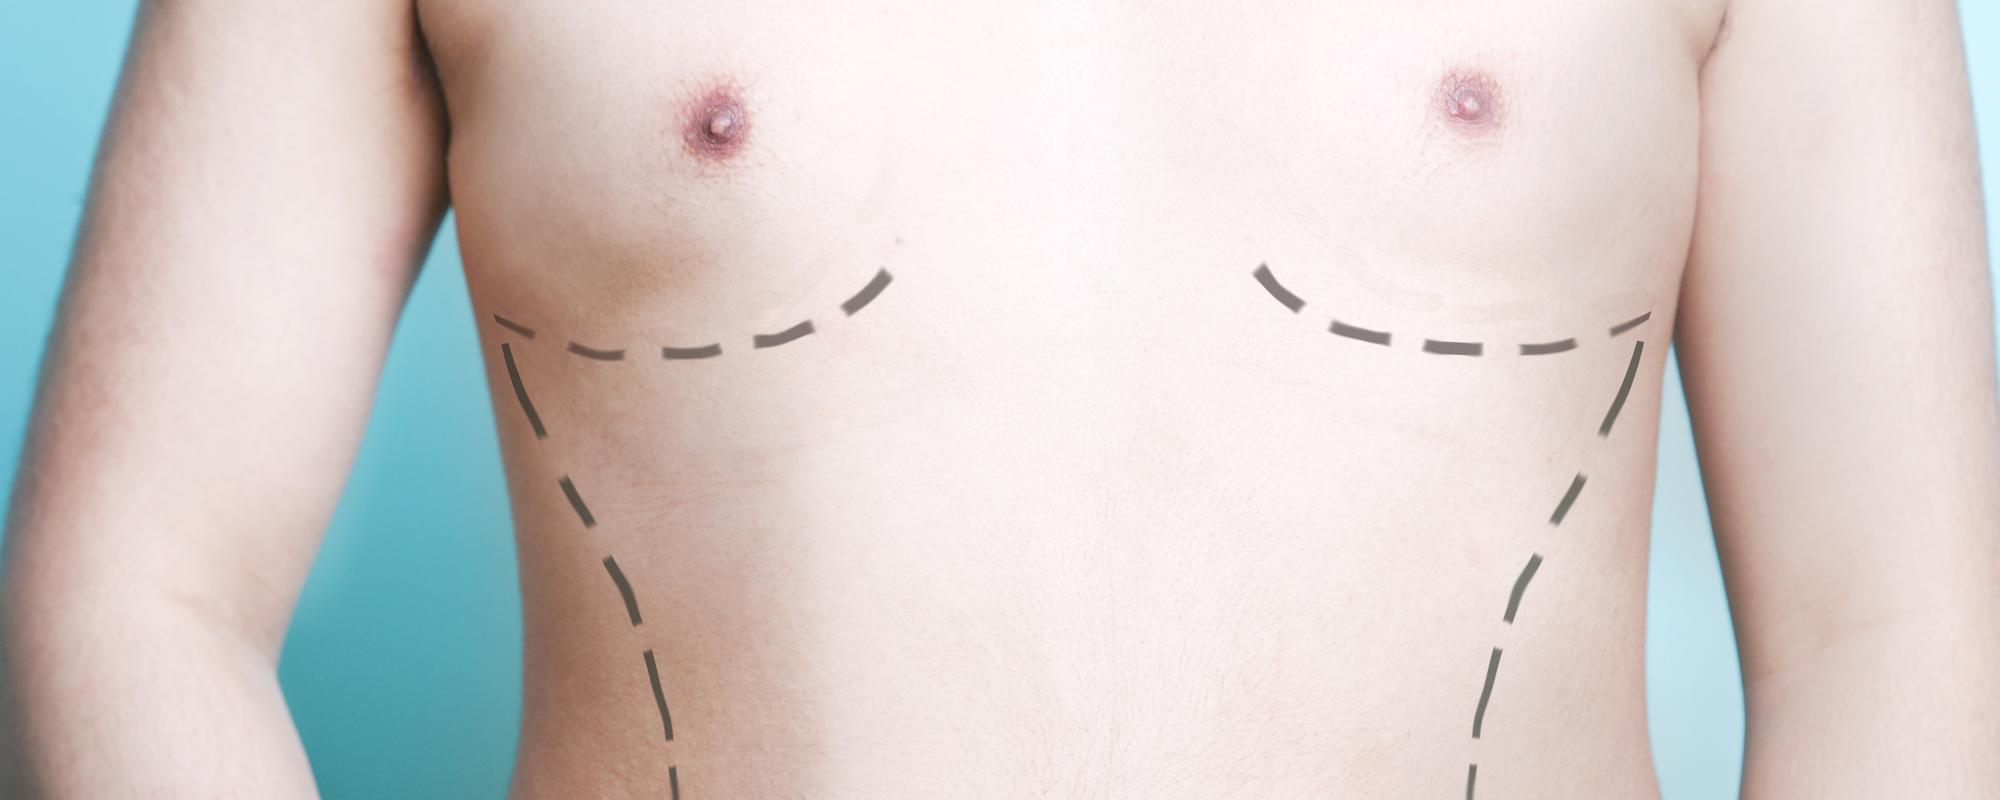 L' hypertrophie des seins <span>chez l'homme</span>